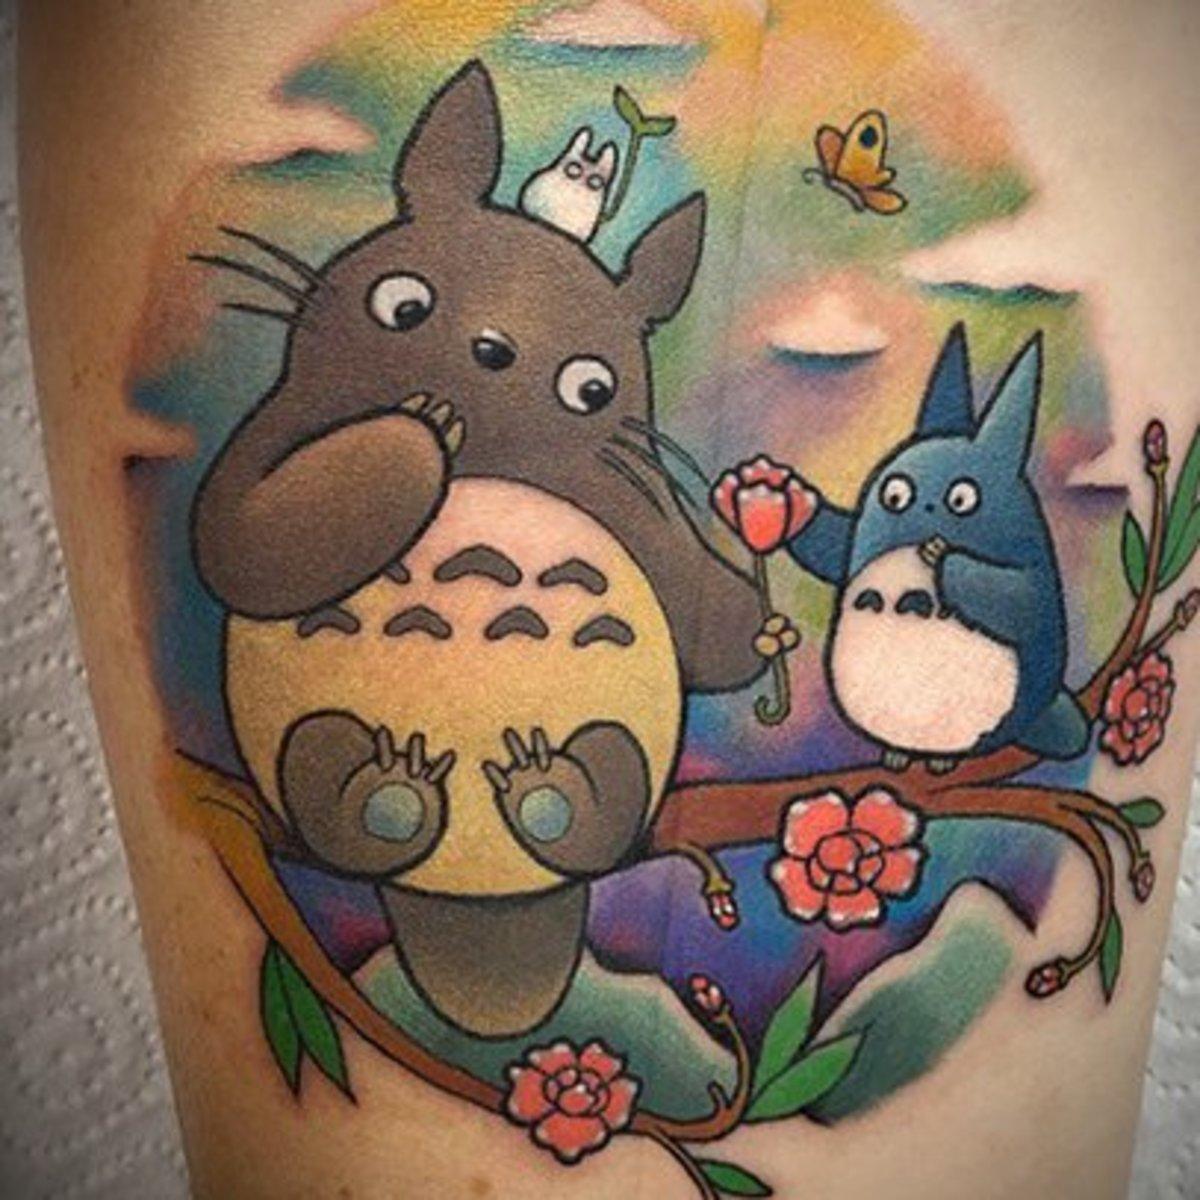 Tatouage Totoro- le style à l'aquarelle